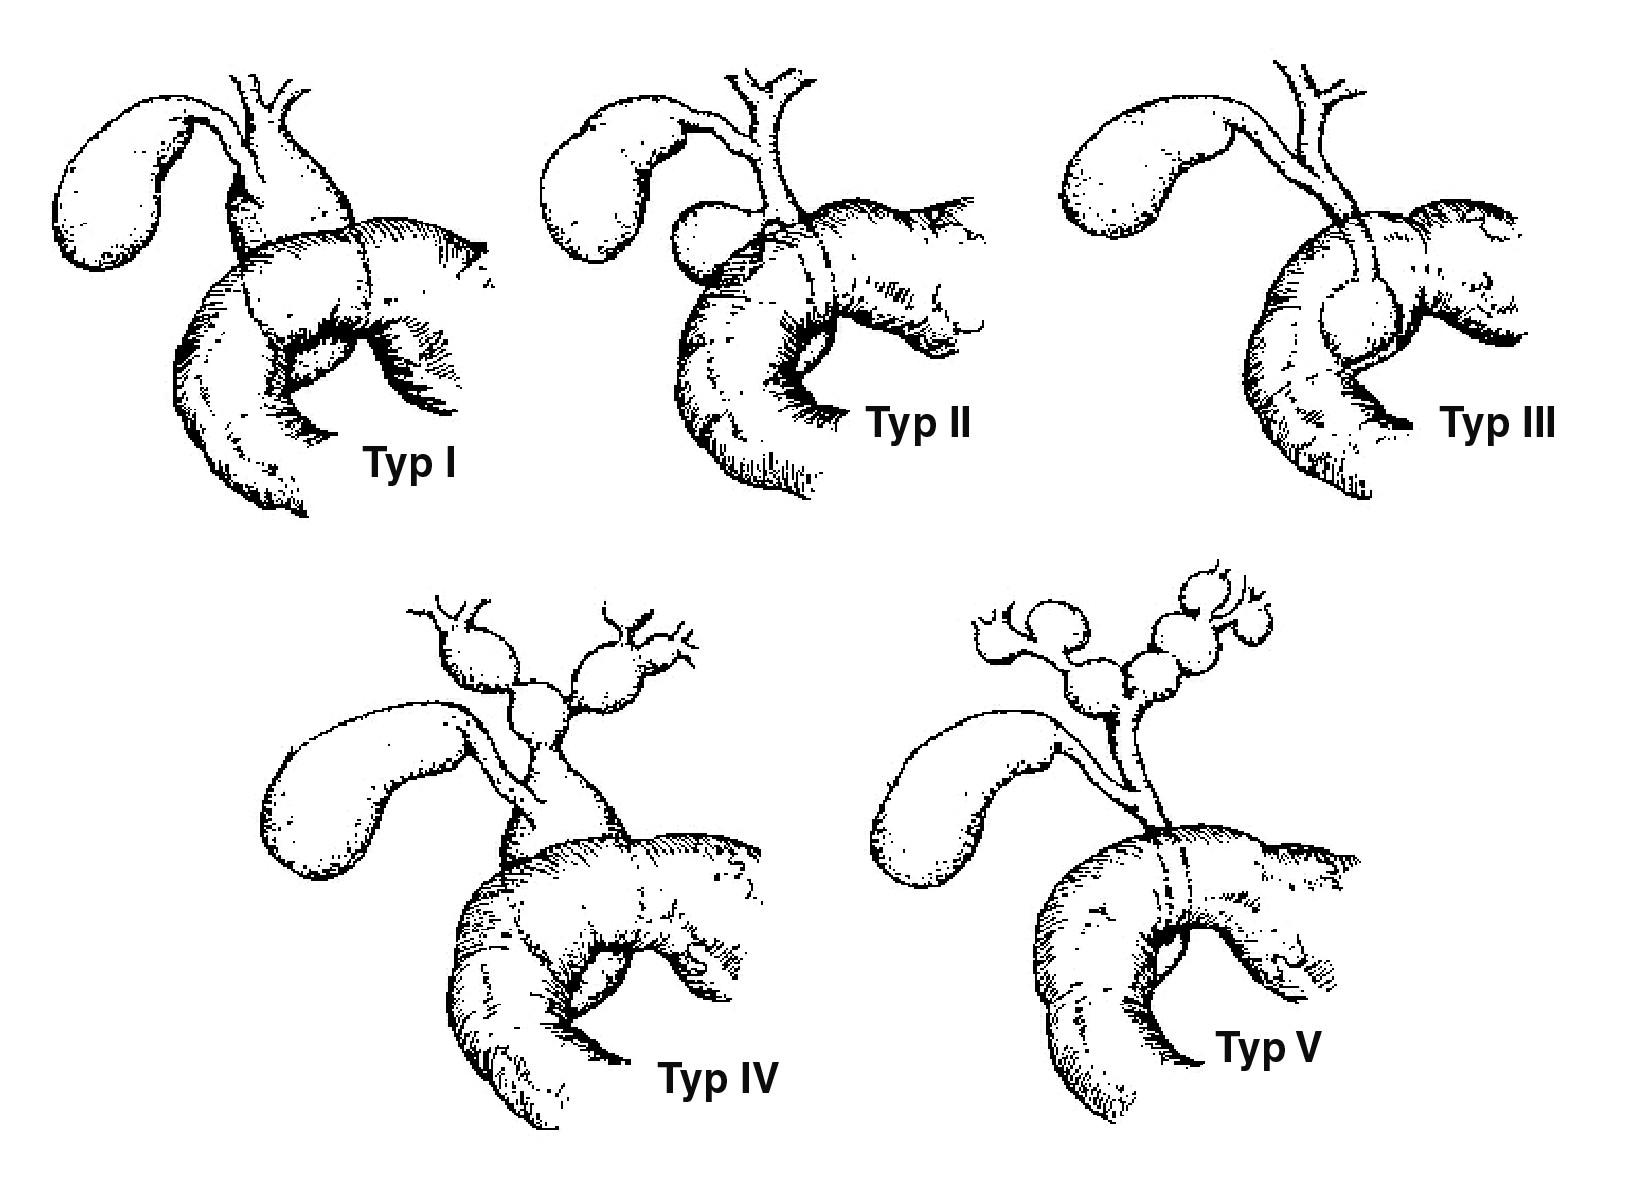 Klasifikace cyst choledochu. Typ I – cystická dilatace zevních žlučových cest, bez dilatace žlučníku, typ II – divertikl žlučovodu, typ III – choledochokéla, typ IV – mnohočetné cysty extra- a intrahepatálních žlučových cest, typ V – cystická dilatace intrahepatických žlučových cest (jednoho nebo obou laloků).